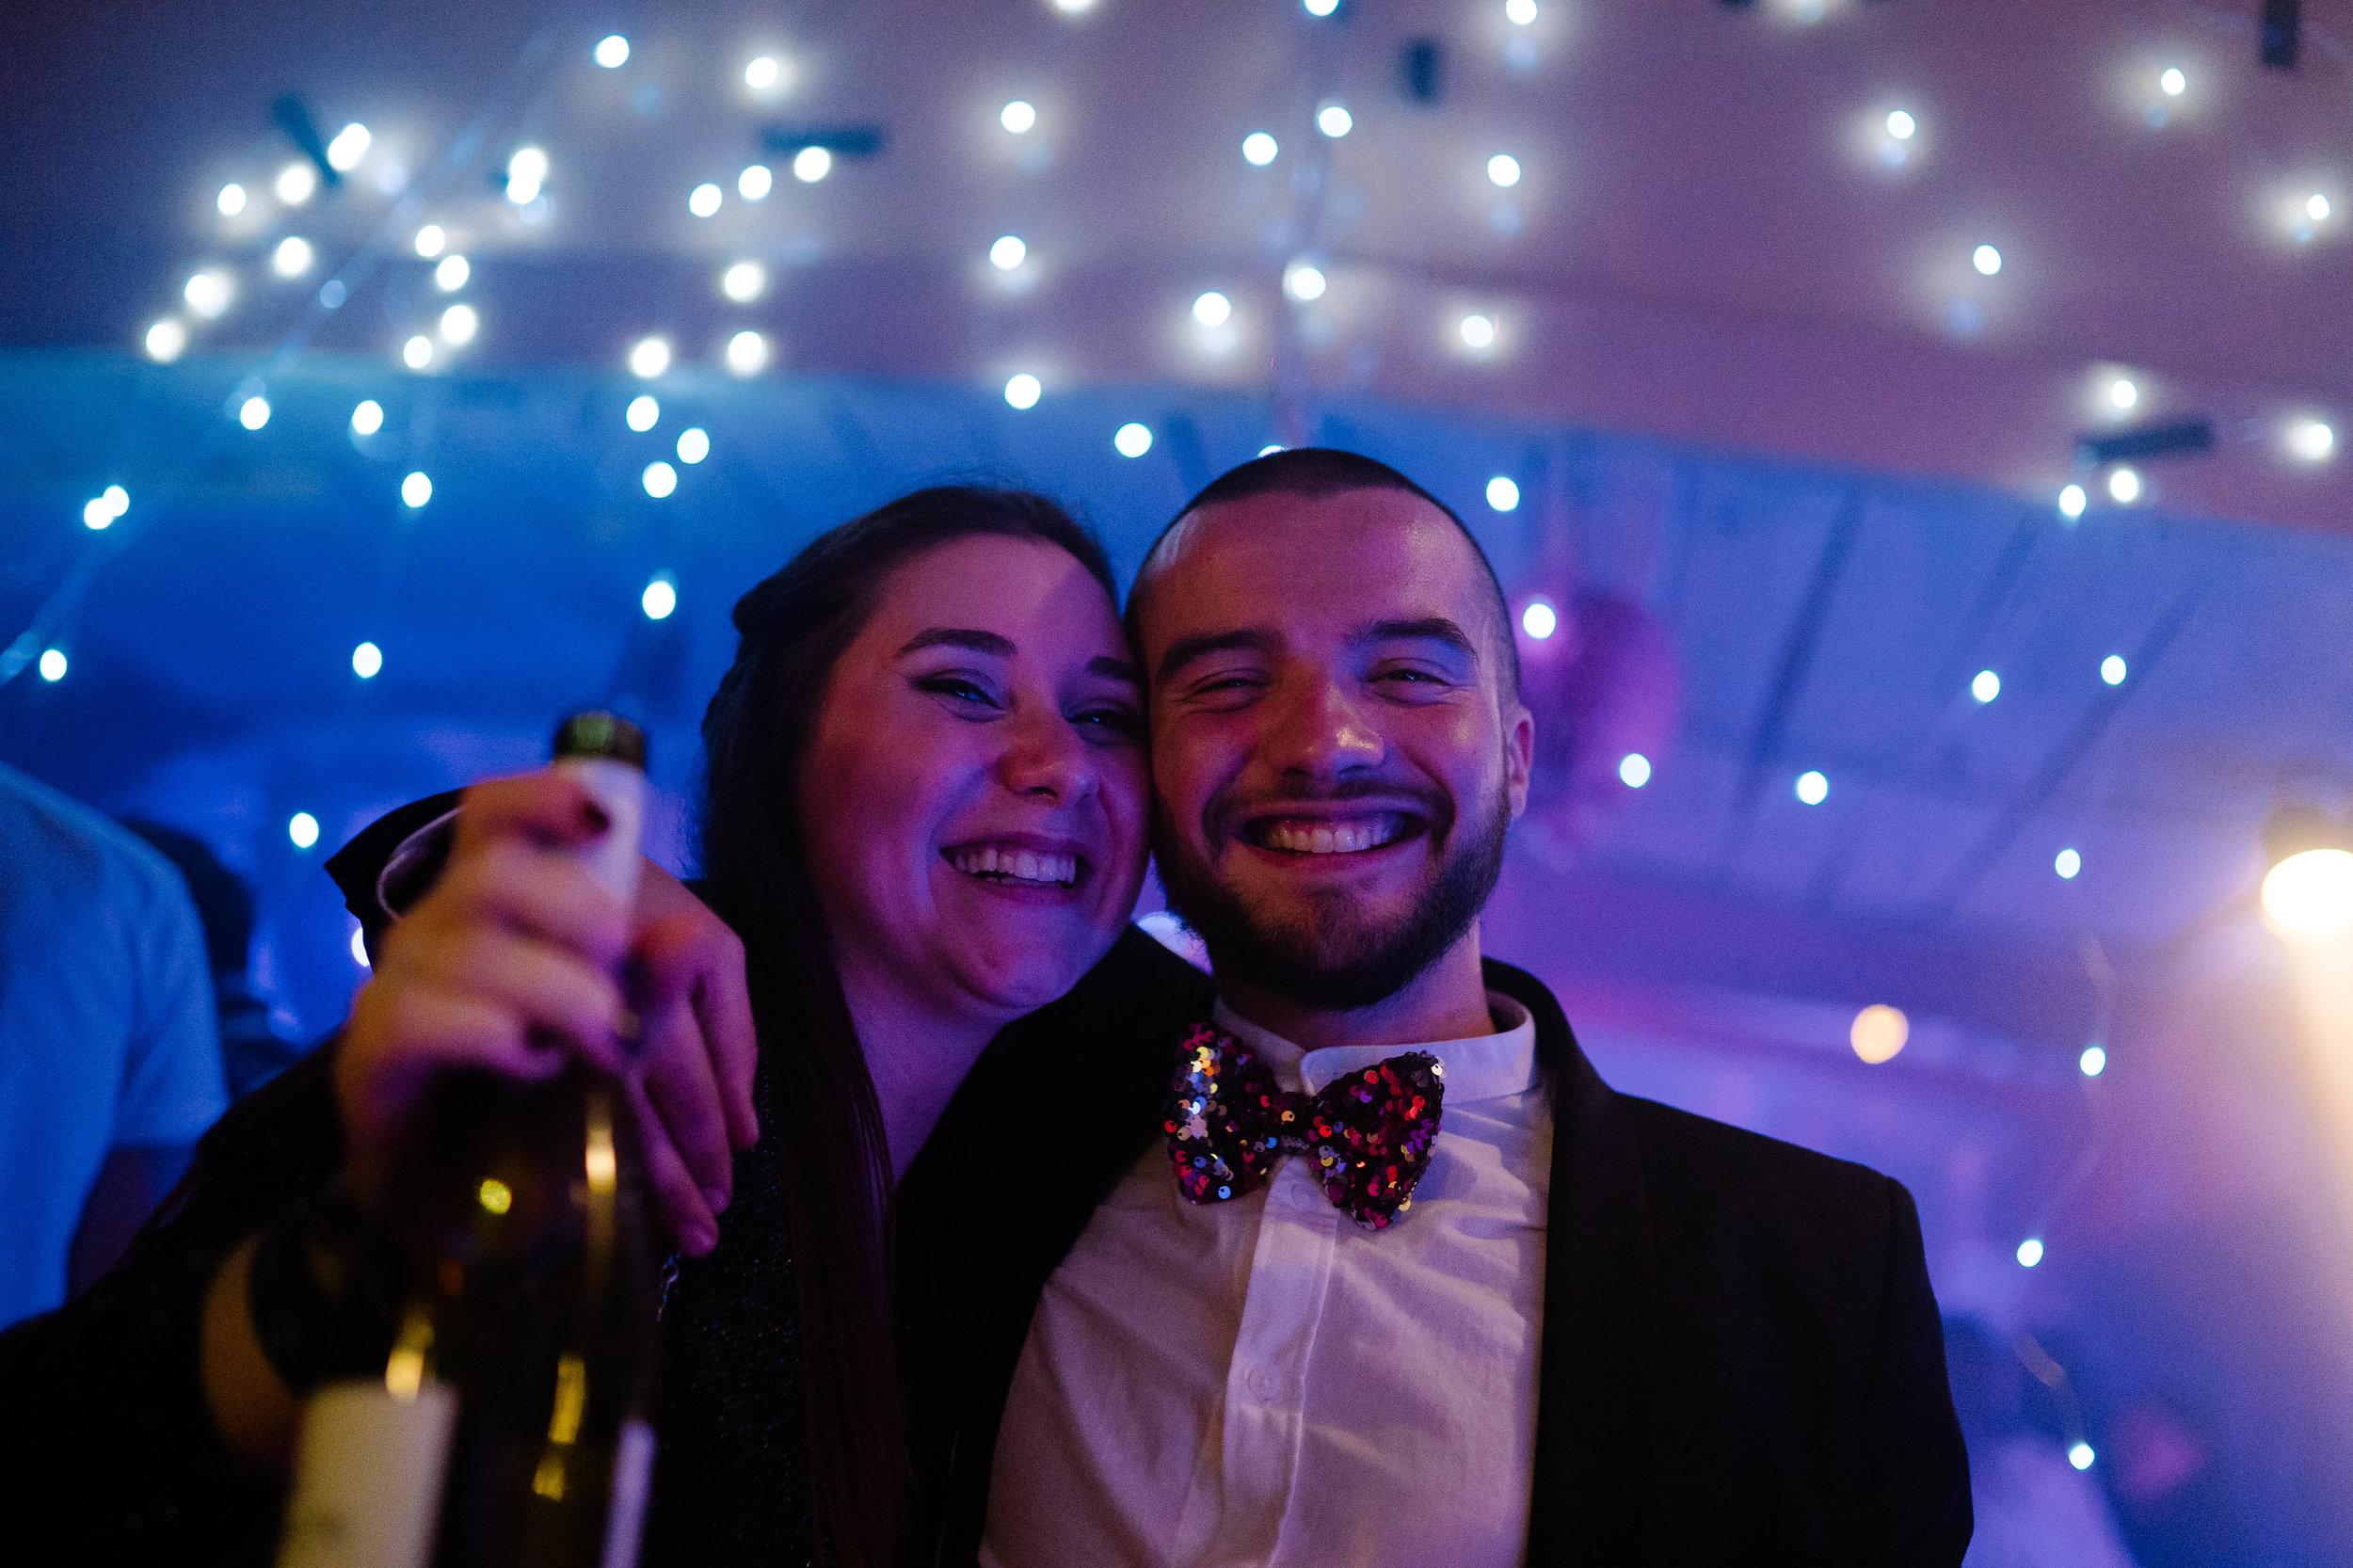 photographe-vidéaste-event-portrait-mariage-22.jpg